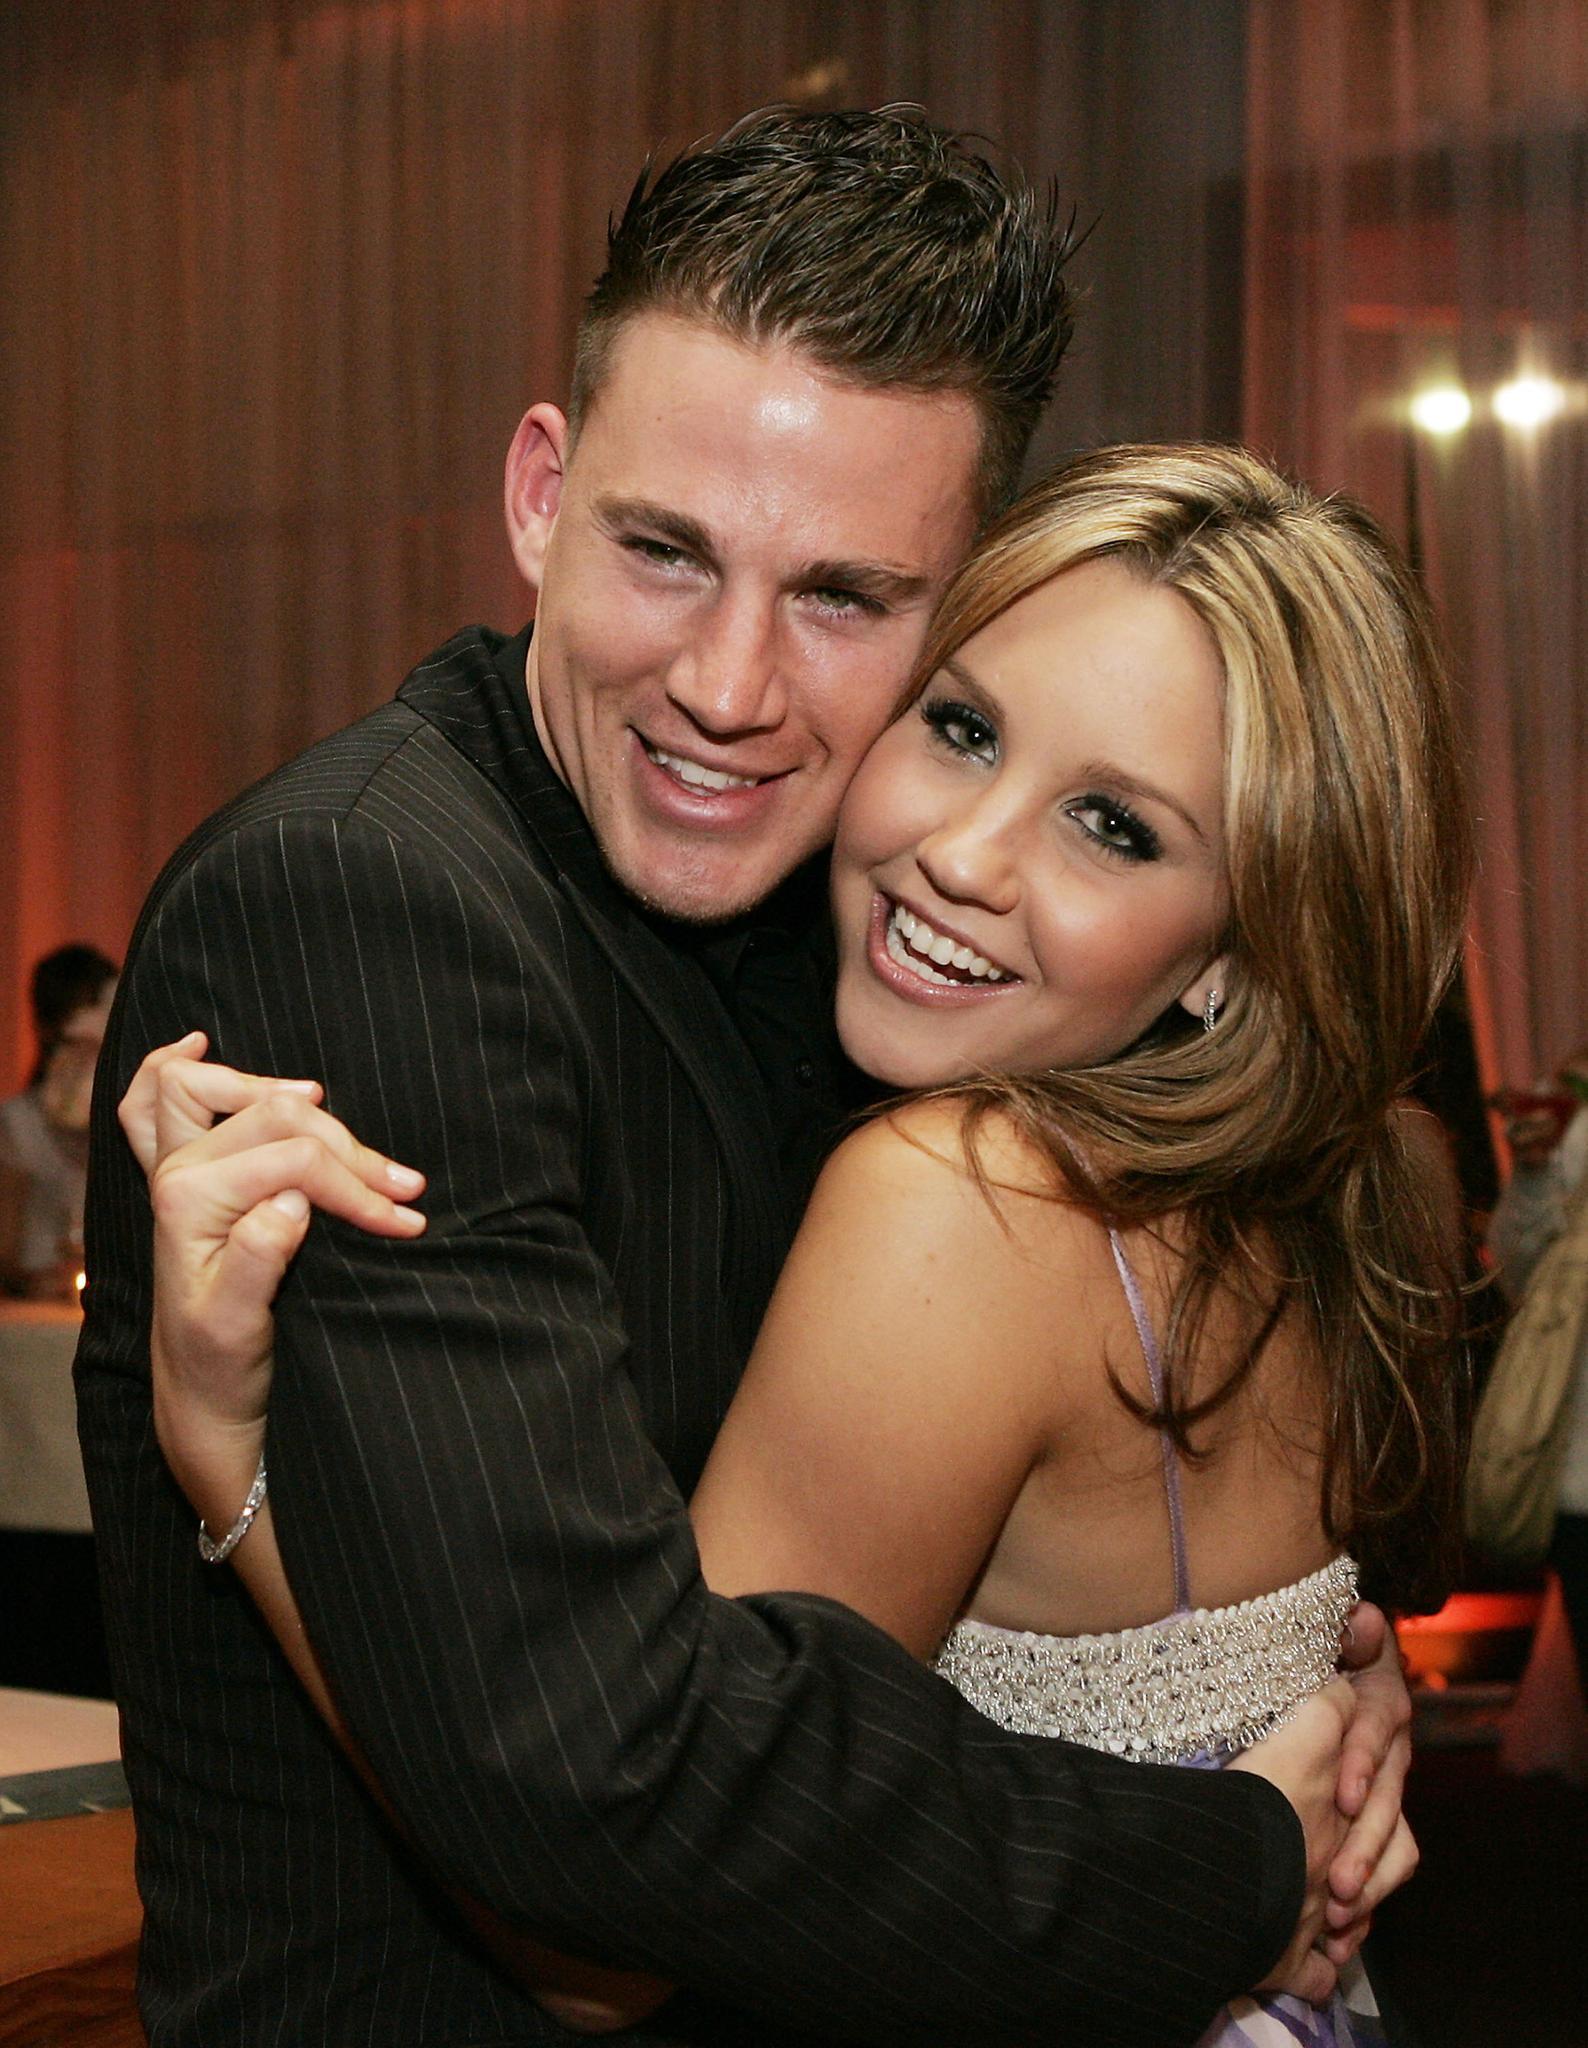 2006 funkte es heftig zwischen Channing Tatum und Amanda Bynes. Dieser Funke erlosch allerdings auch ebenso schnell wieder.